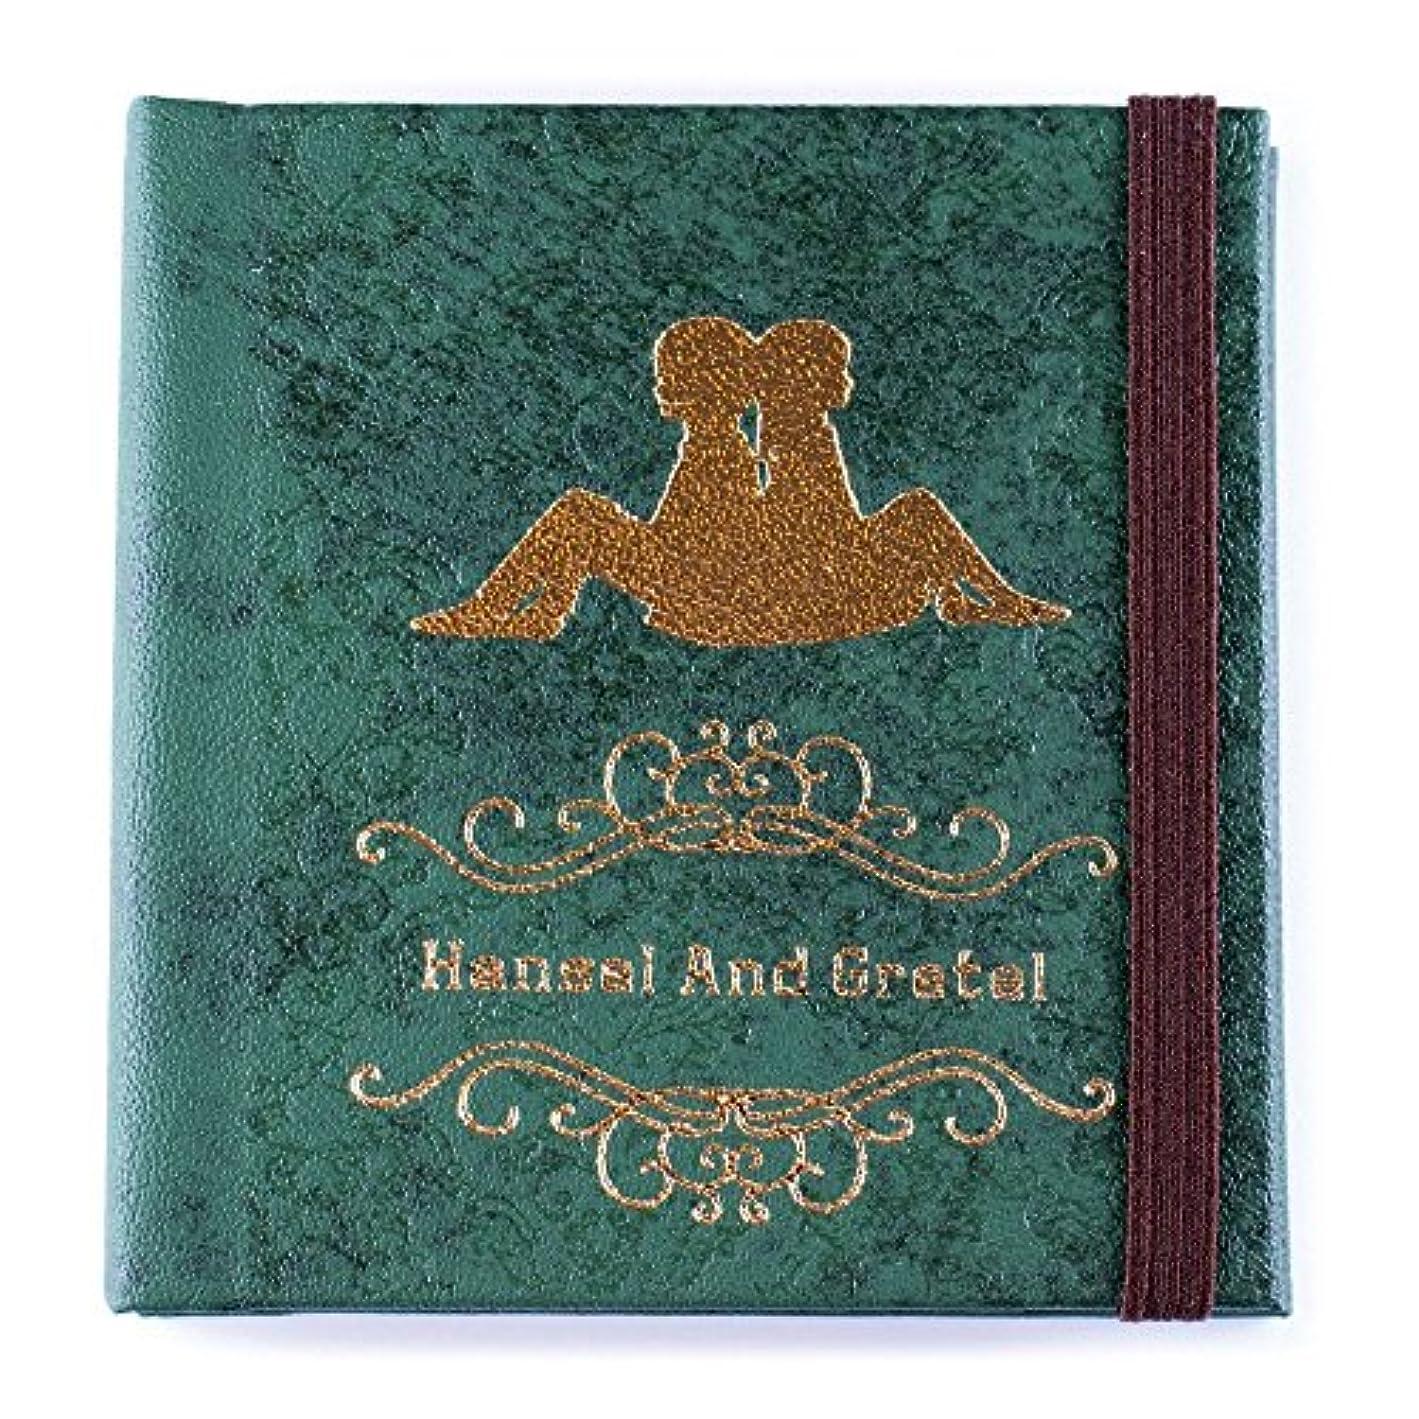 お勧めクラウド代替案TCB童話シリーズ 『ヘンゼルとグレーテルをモチーフにしたアイシャドウ』